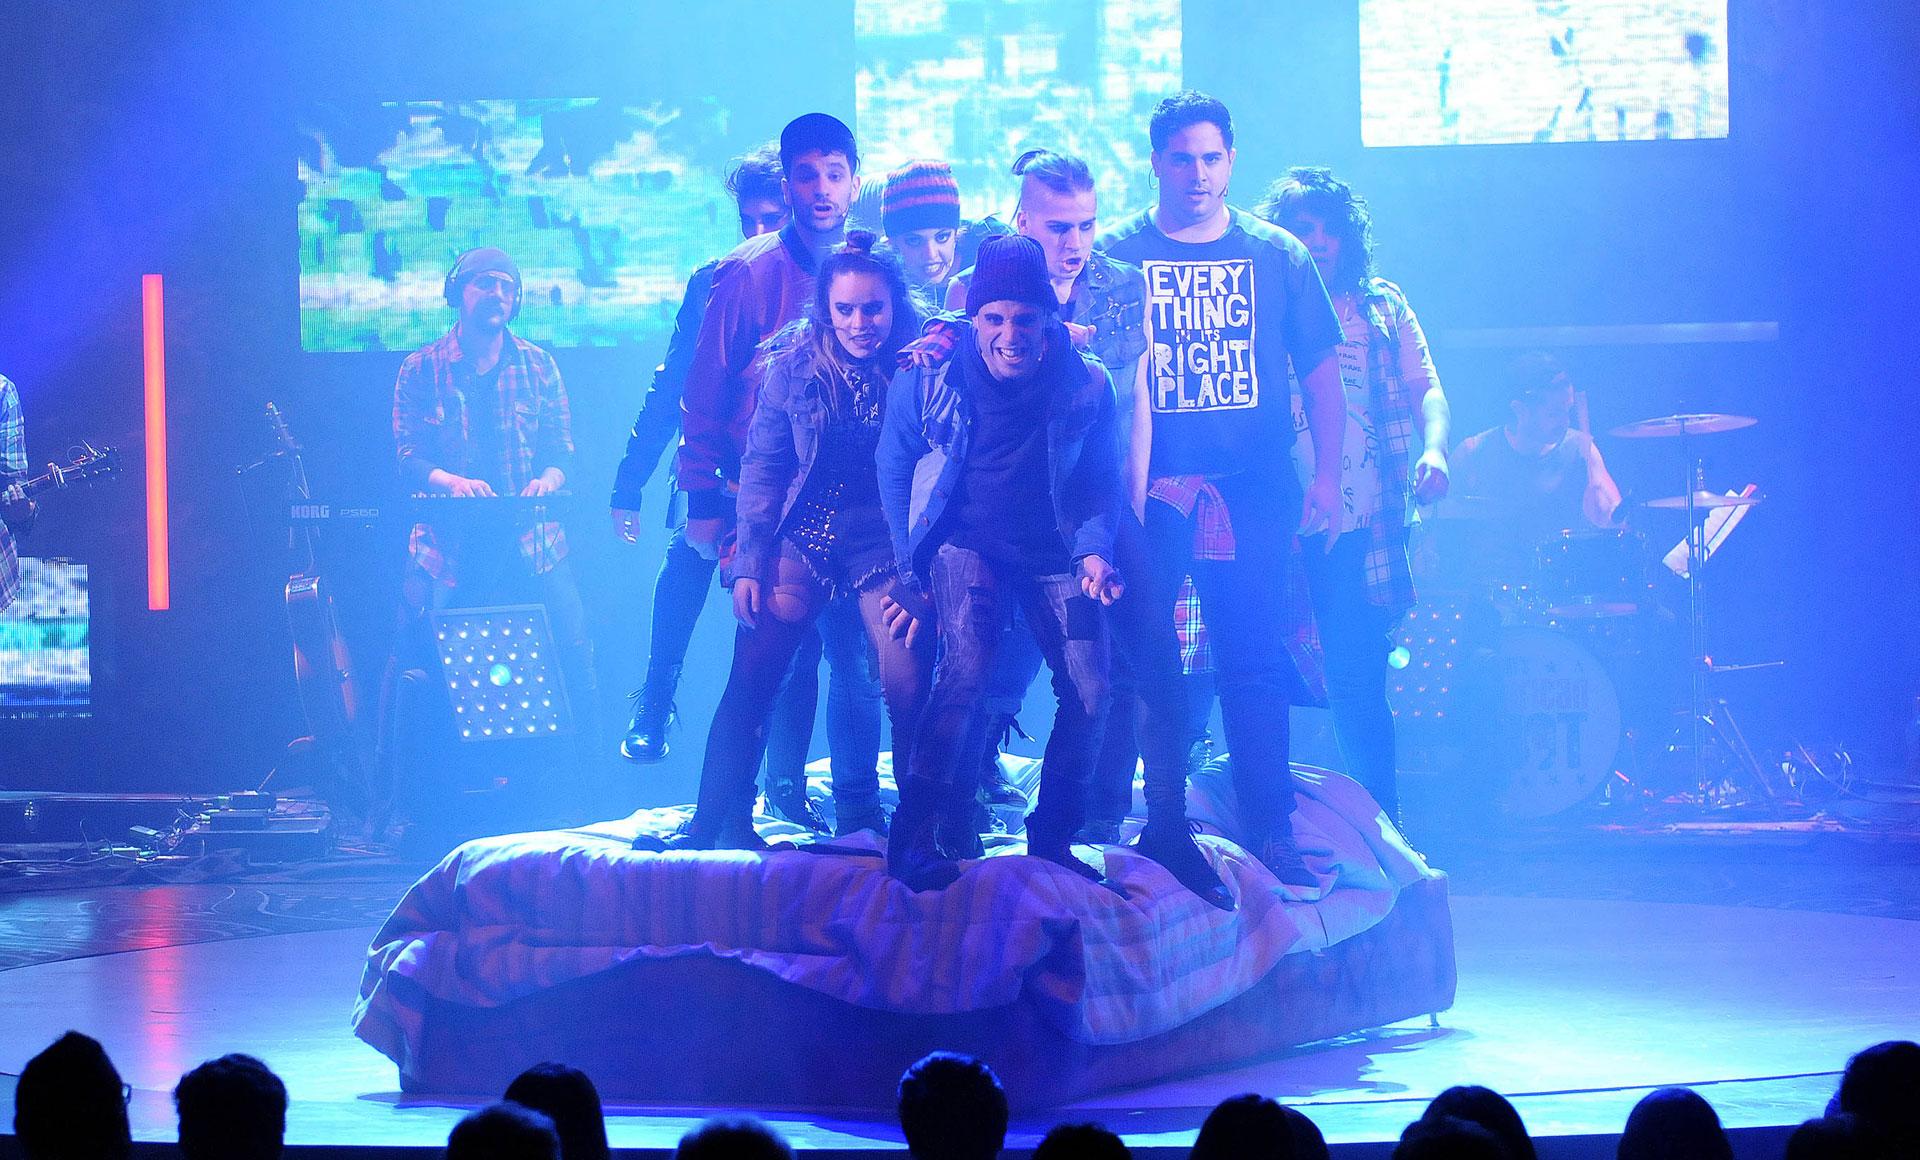 """En el teatro Broadway se estrenó """"American Idiot"""", un musical de rock de Green Day protagonizado por Germán Tripel, Mariu Fernández, Francisco Eizaguirre, Sofía Val y Leandro Bassano (Teleshow)"""